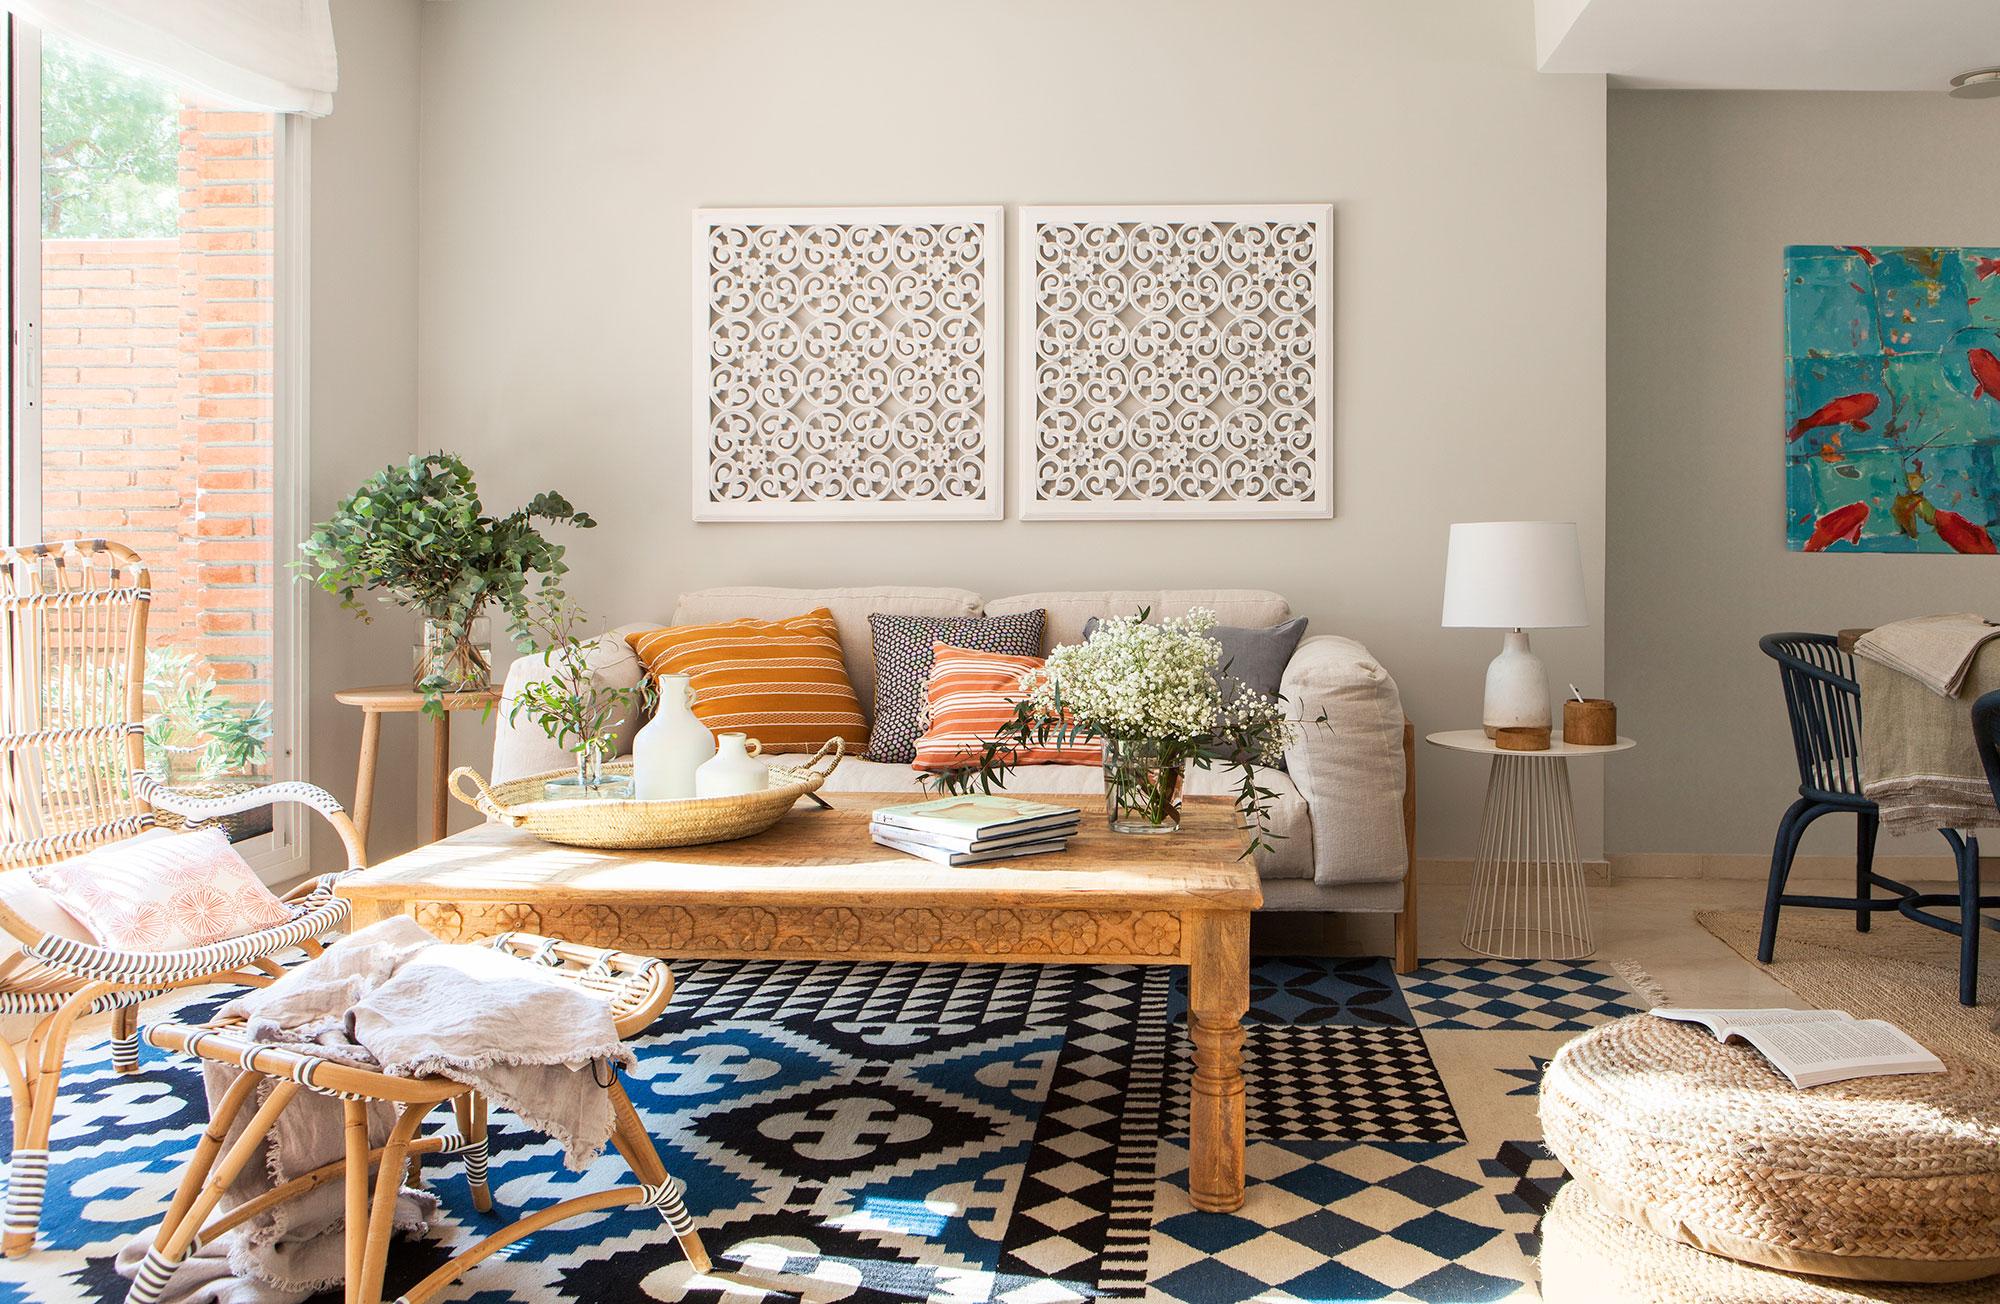 alfombras: claves para elegirlas y acertar